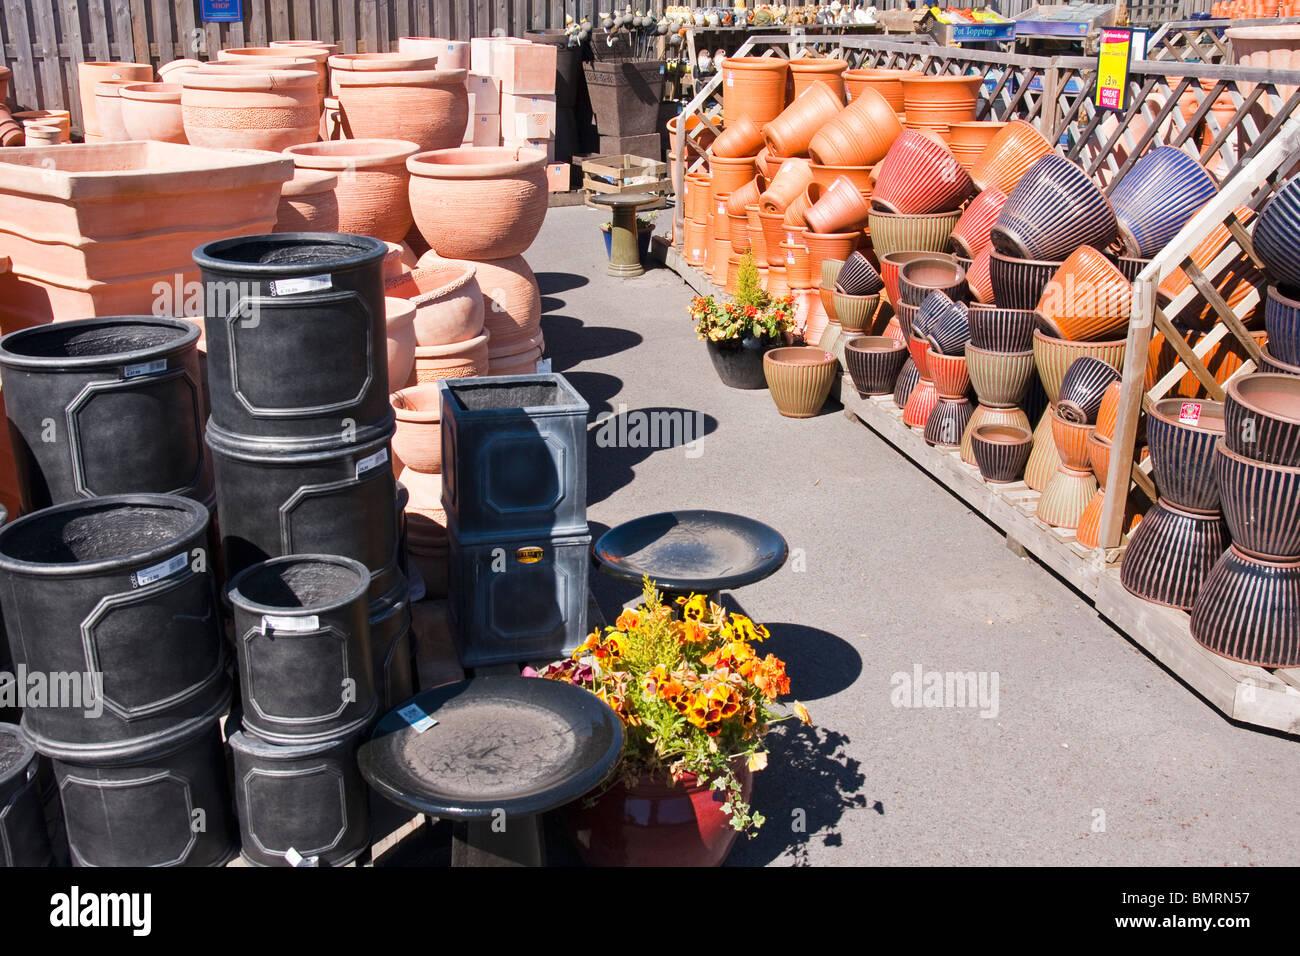 Plant Pots For Sale Part - 44: Plant Pots For Sale In A Garden Centre